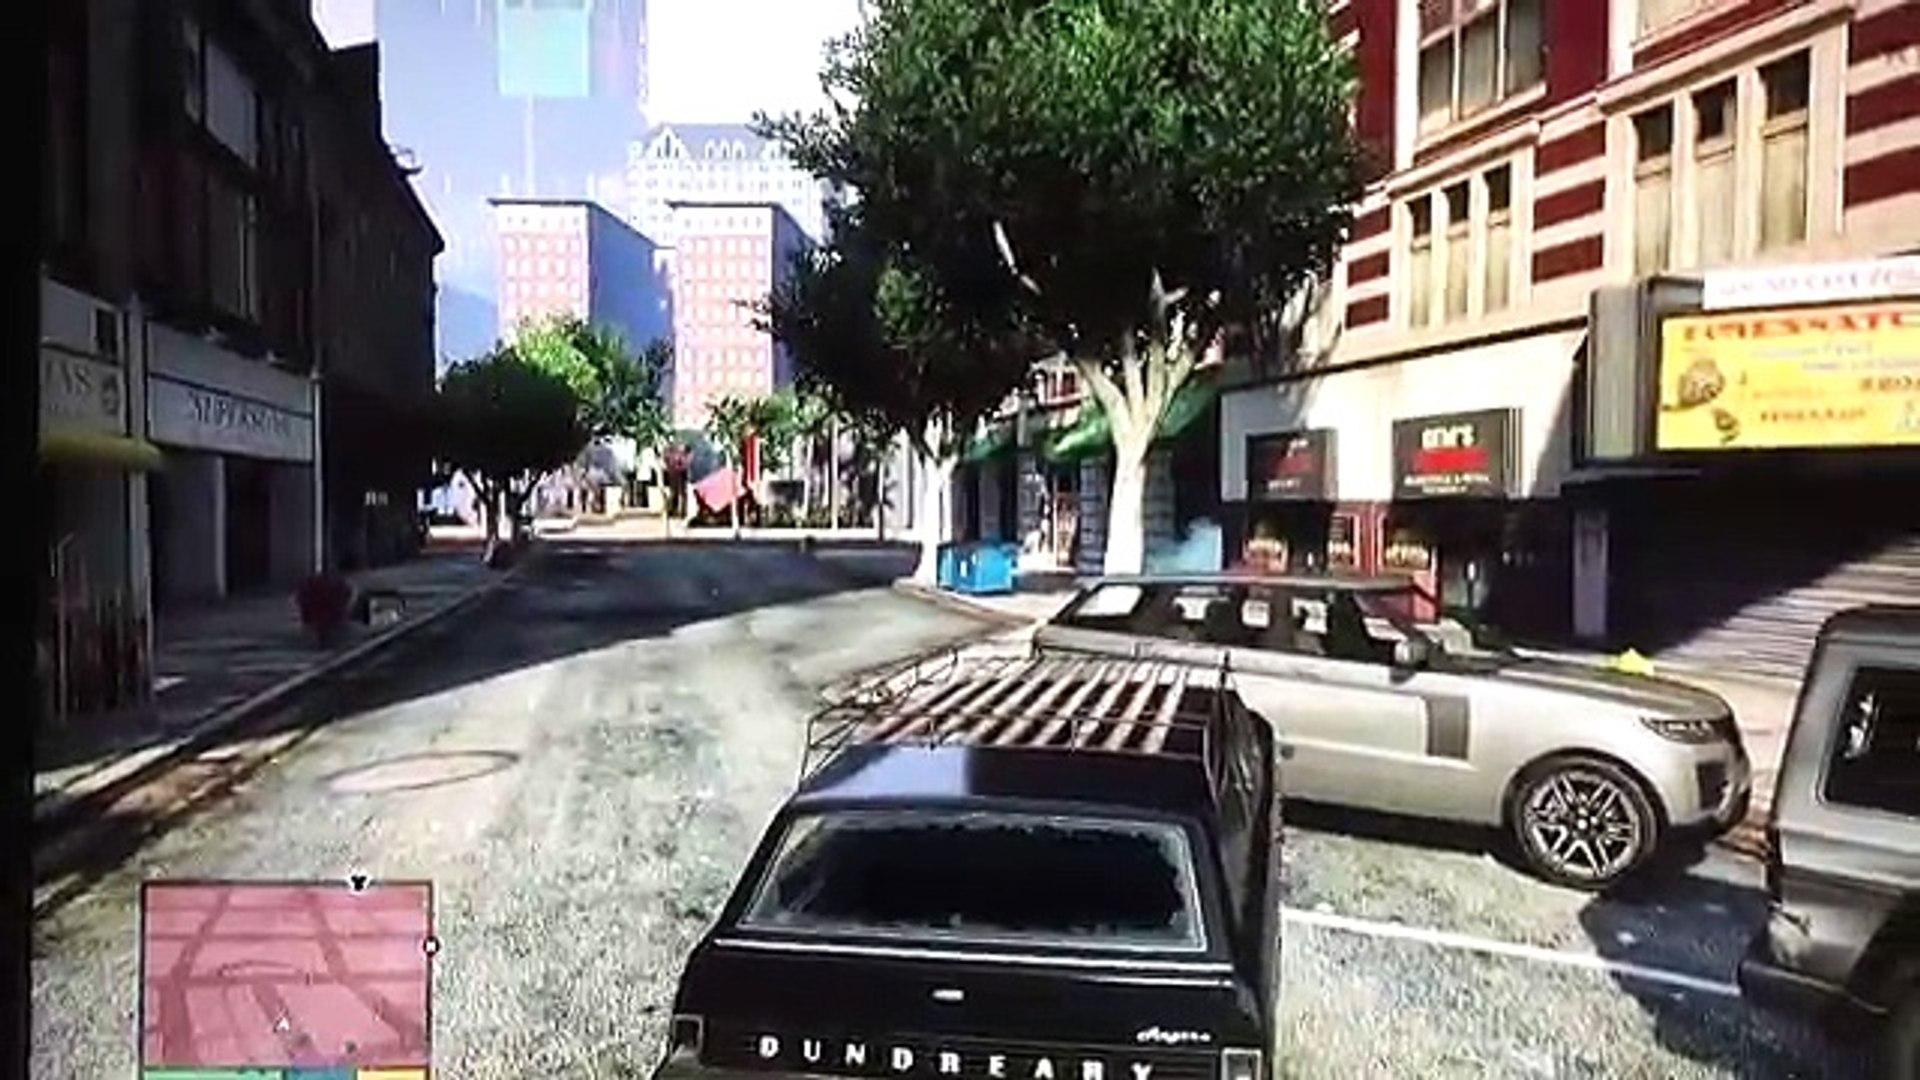 Летсплей GTA5: гоняем и разбиваем машины. Мама первый раз играет в ГТА 5, Луномосик таааак болеет!